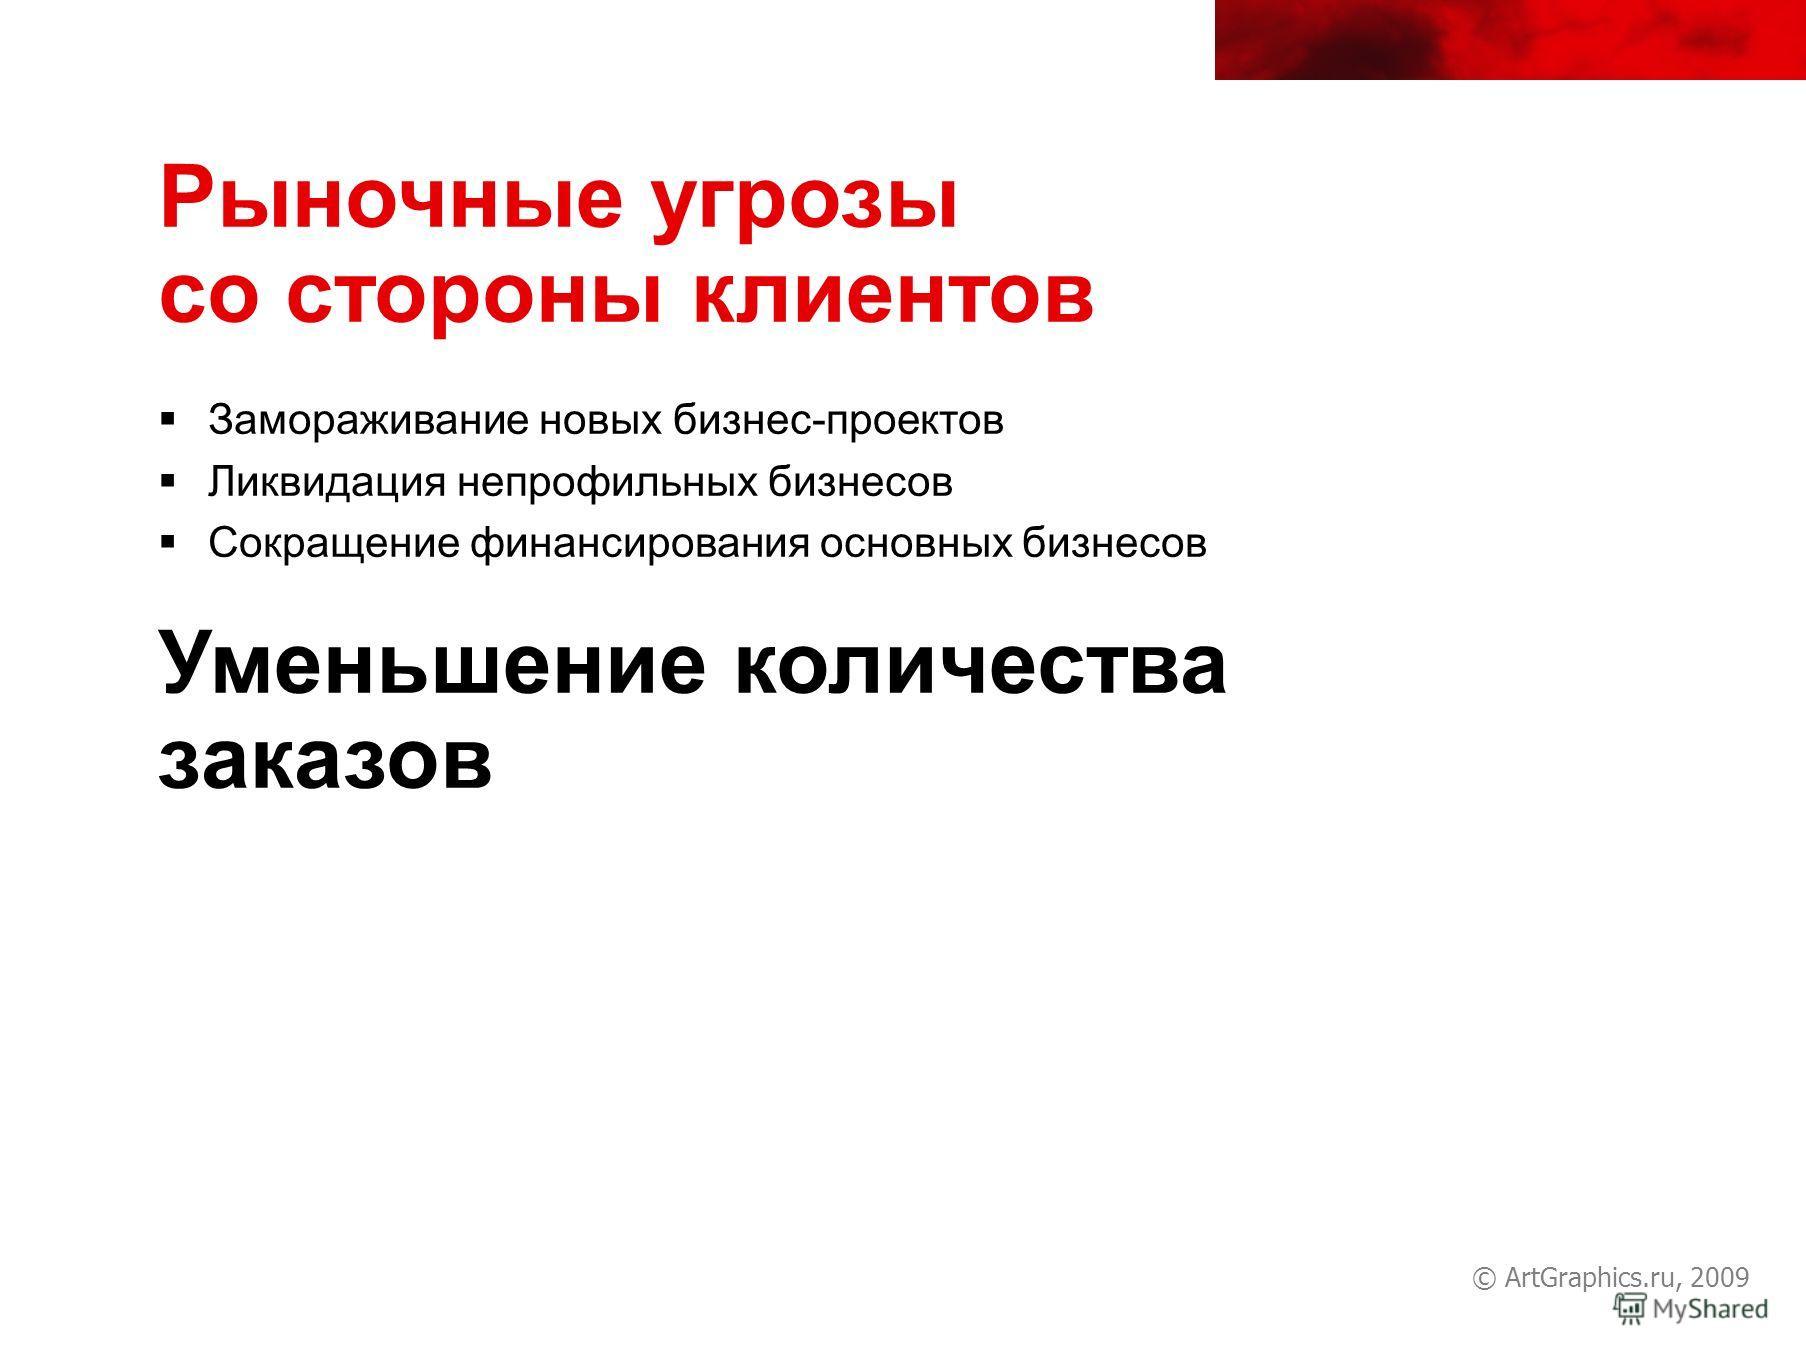 © ArtGraphics.ru, 2009 Рыночные угрозы со стороны клиентов Замораживание новых бизнес-проектов Ликвидация непрофильных бизнесов Сокращение финансирования основных бизнесов Уменьшение количества заказов